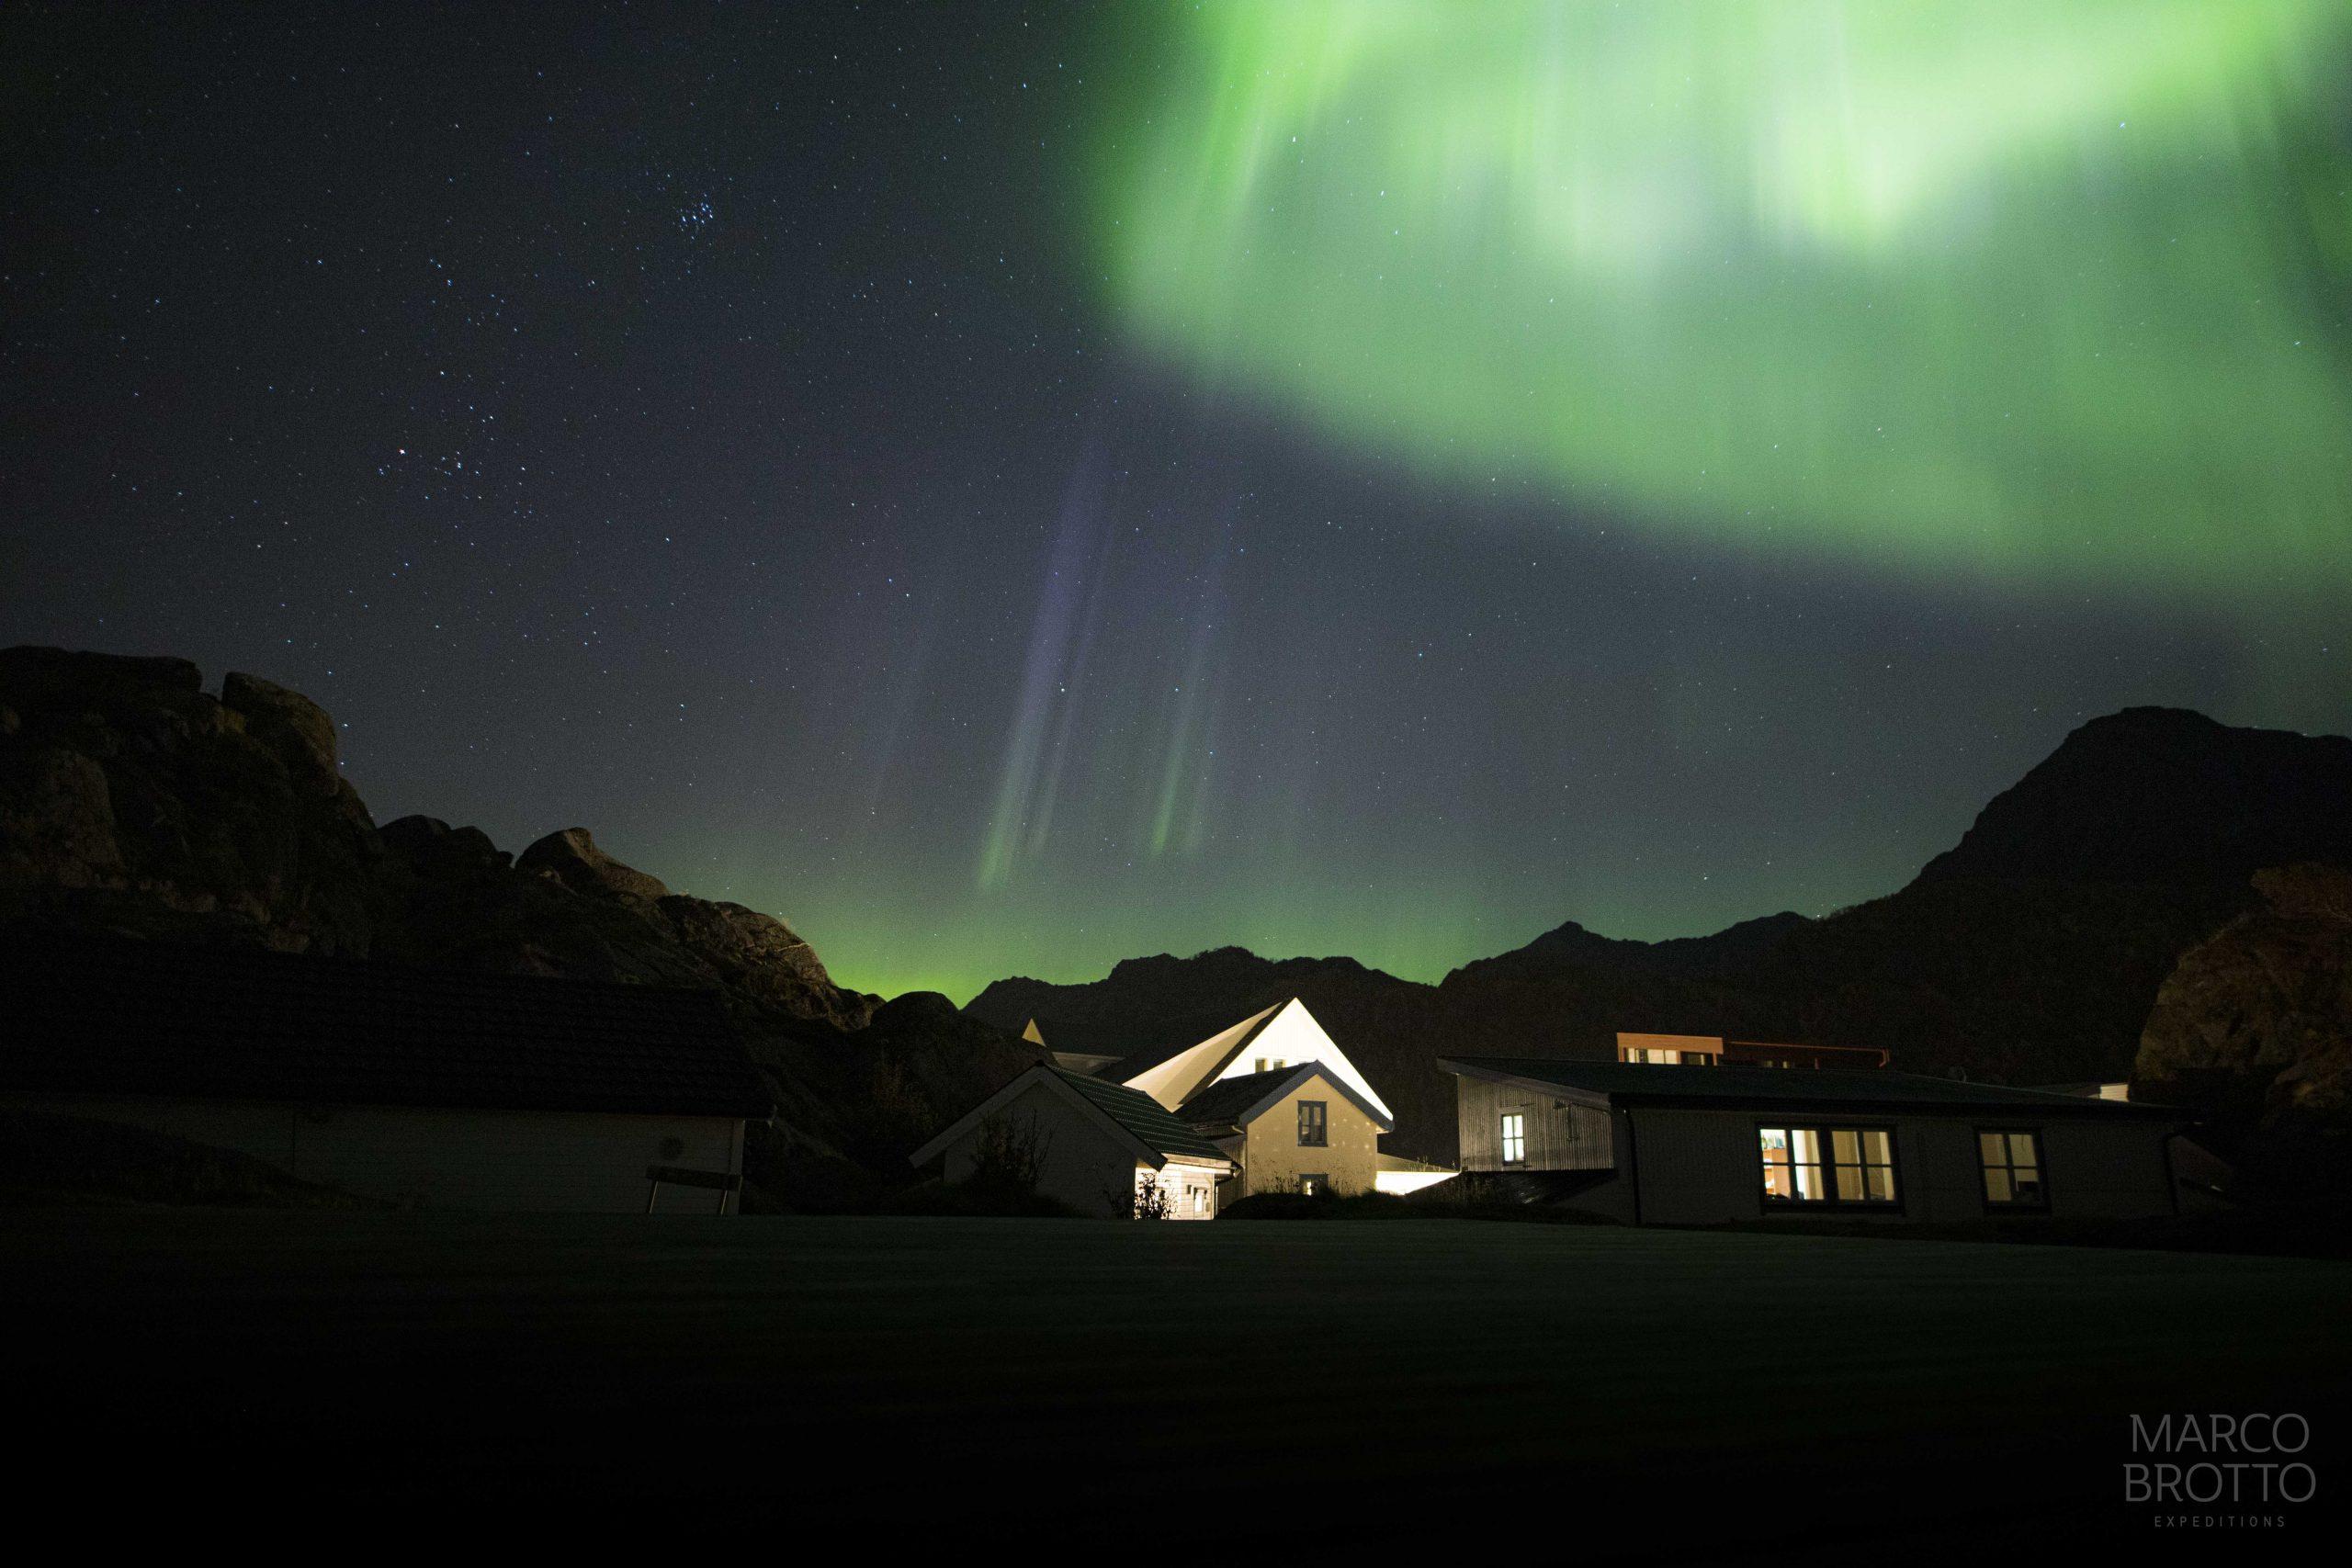 Descubra 3 motivos para ver Aurora Boreal